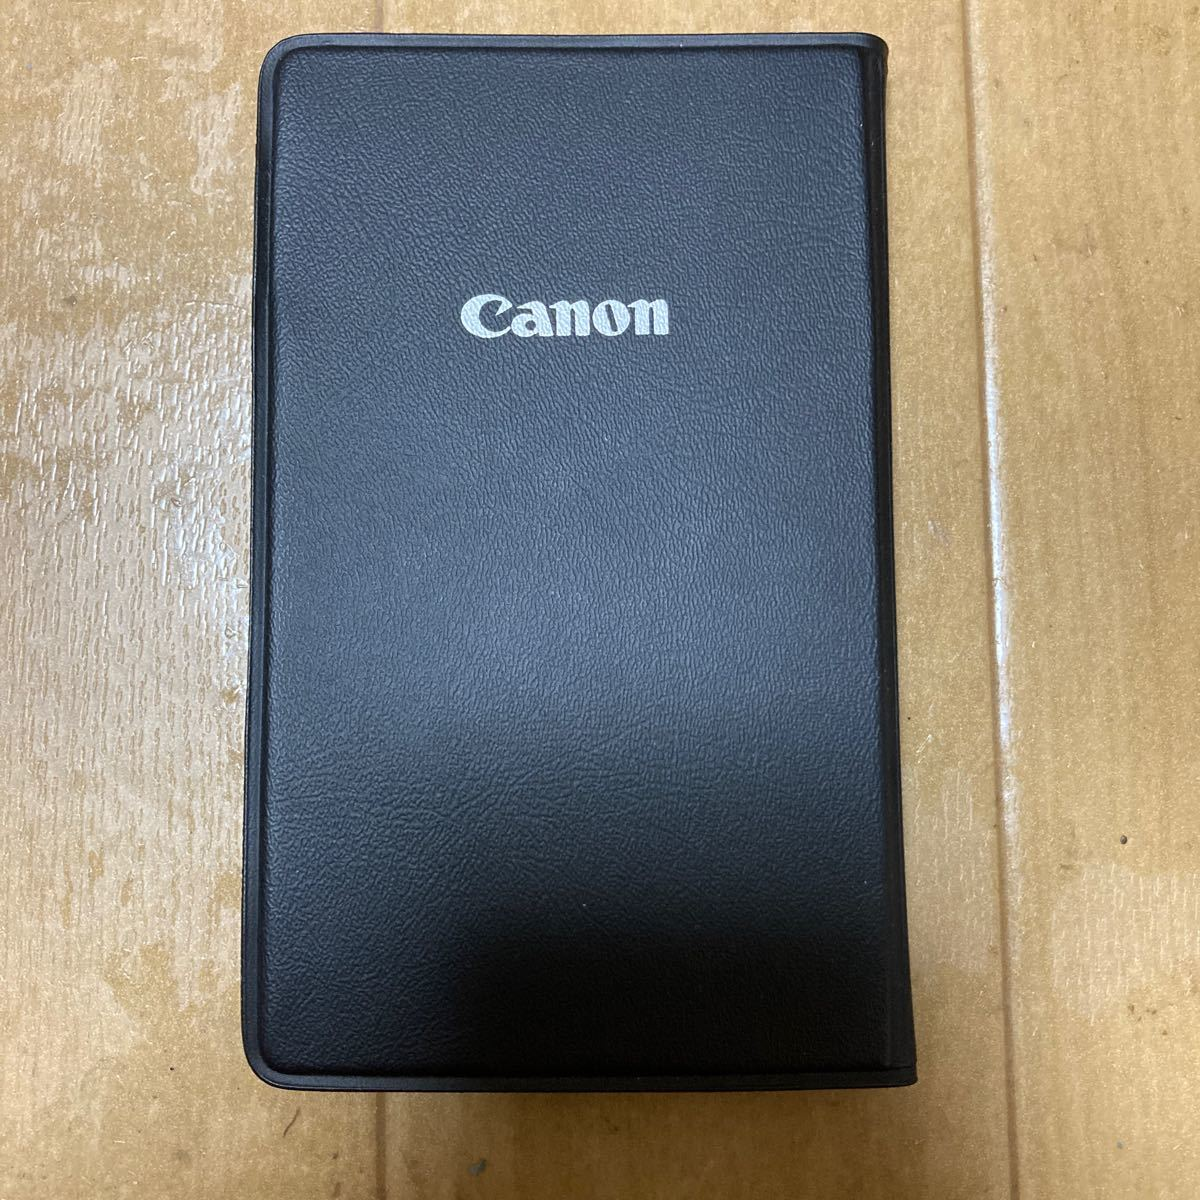 Canon SHARP シャープ カシオ電卓 シャープ電卓